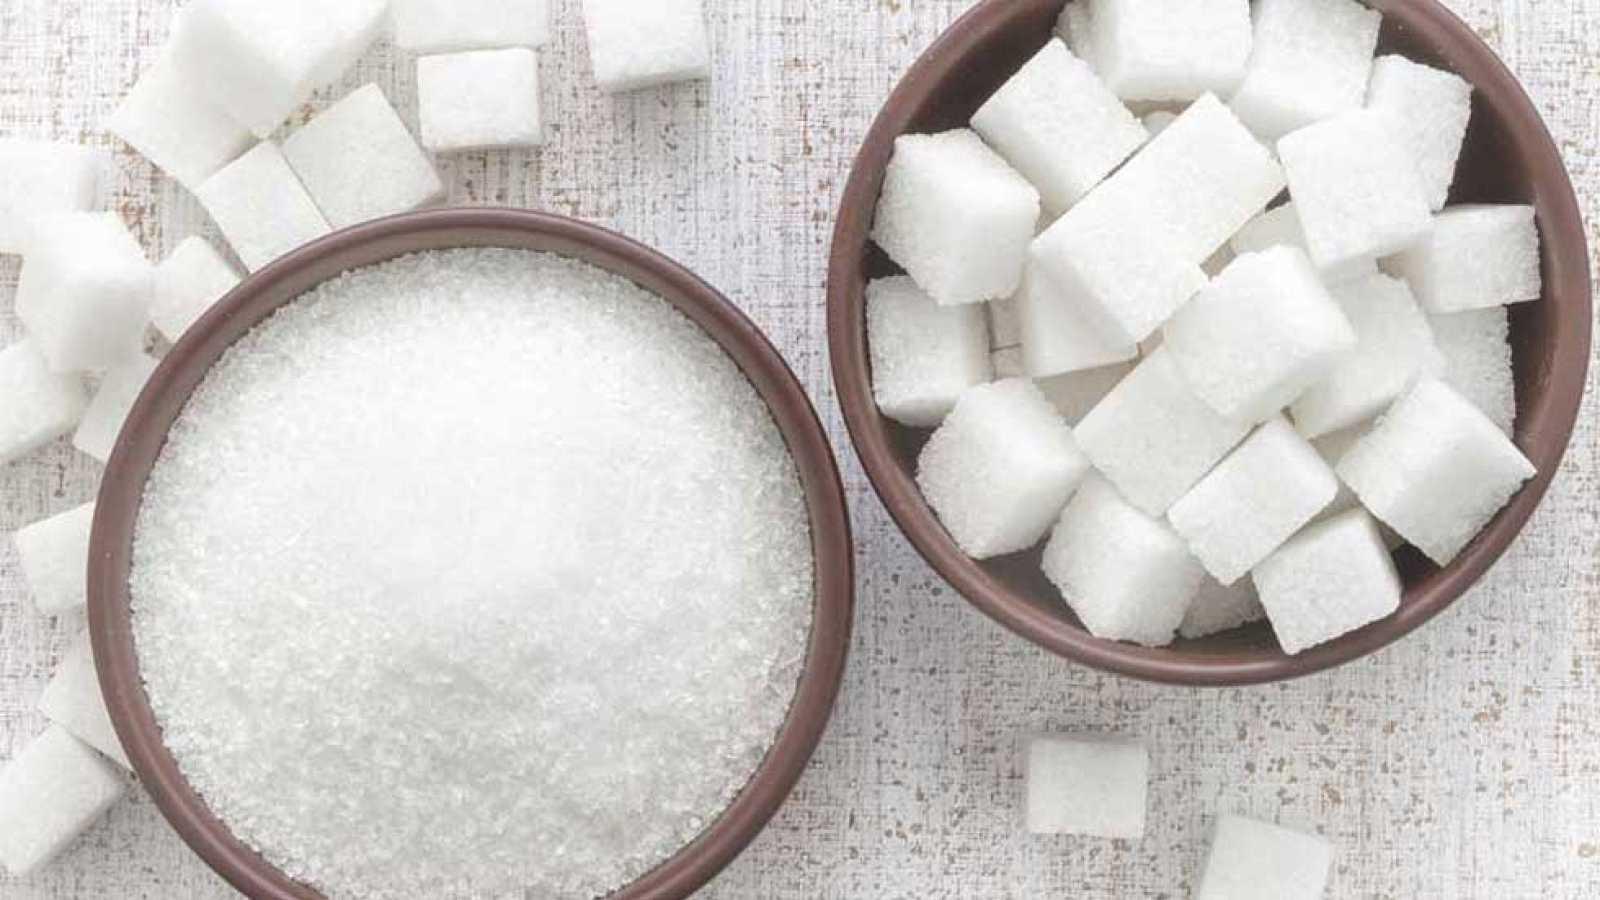 Las transnacionales dedicadas al comercio del azúcar, el café, el té, el chocolate y las bebidas de cola, se cuentan entre las más poderosas del mundo